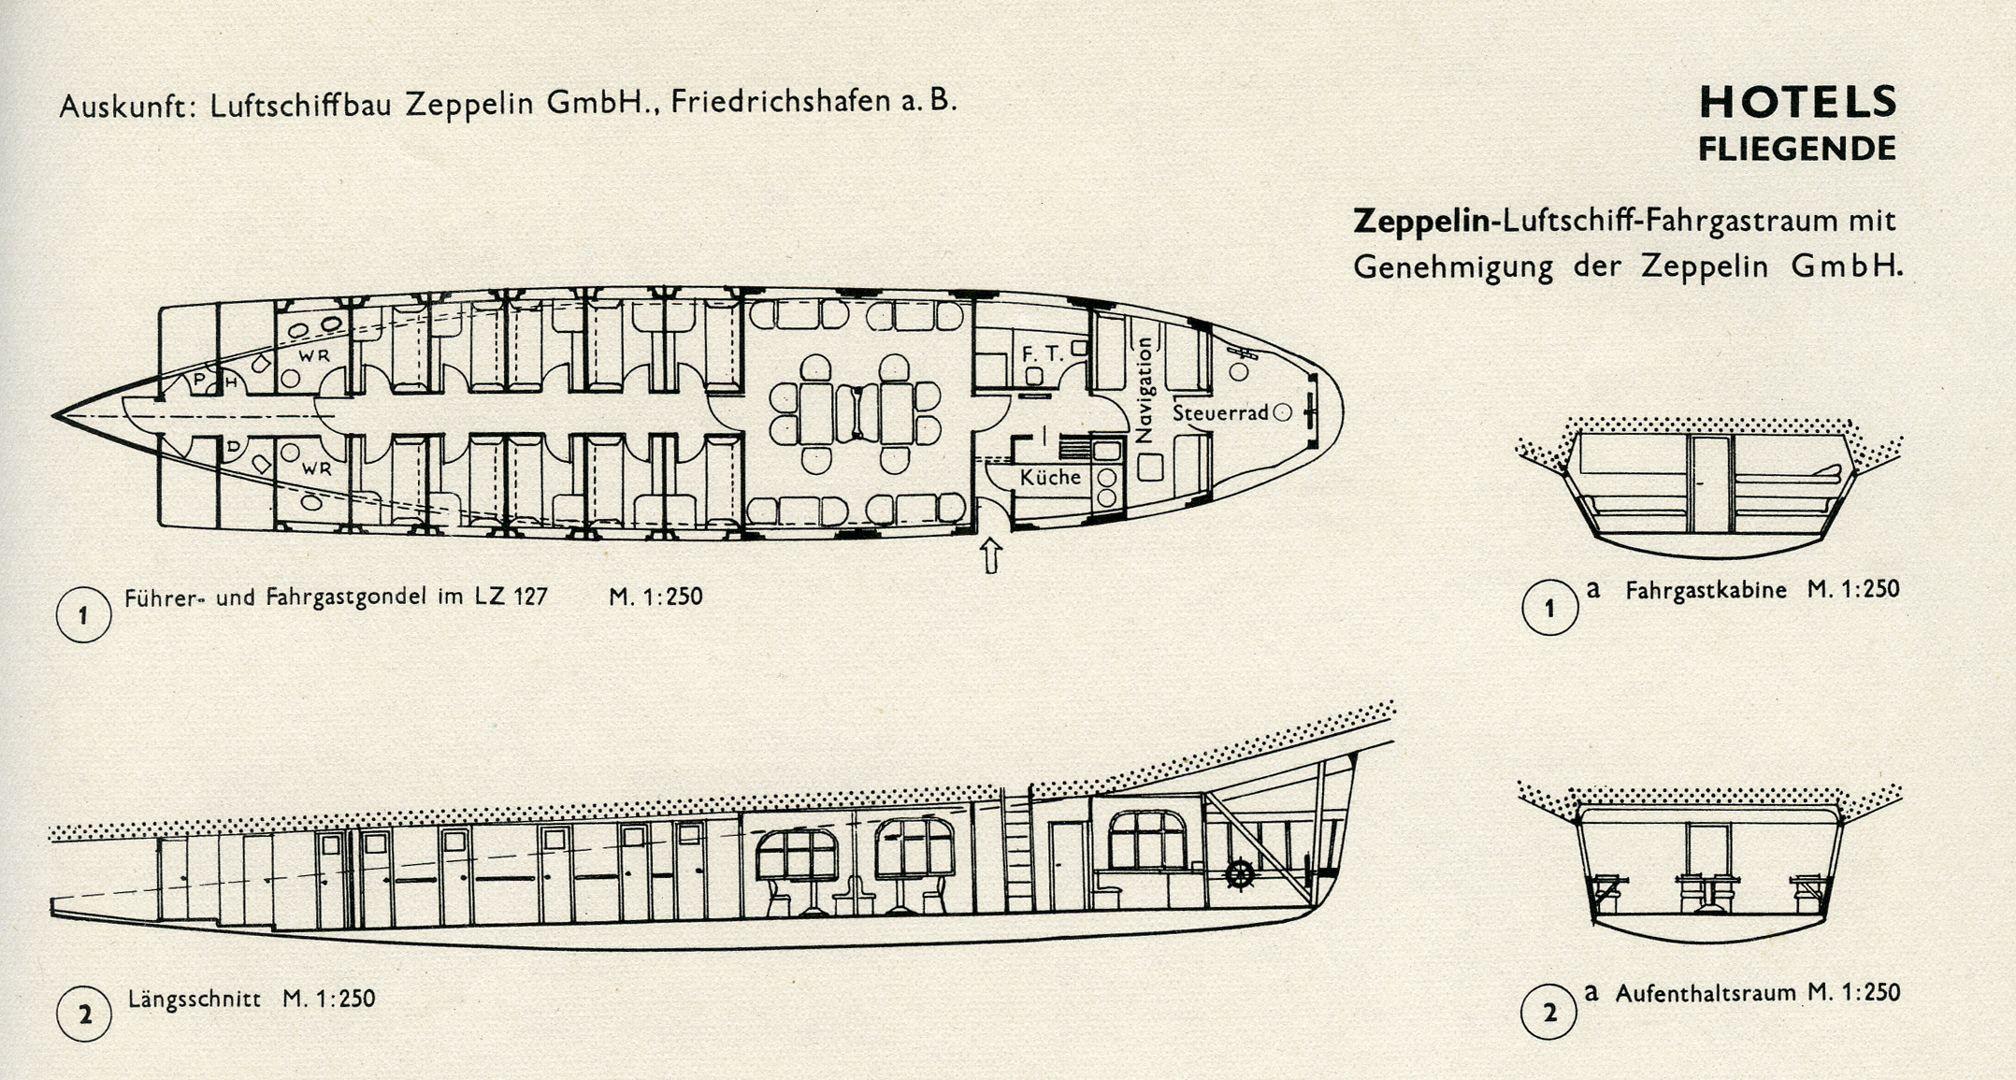 HOTELS / FLIEGENDE Luftschiff- Fahrgastraum